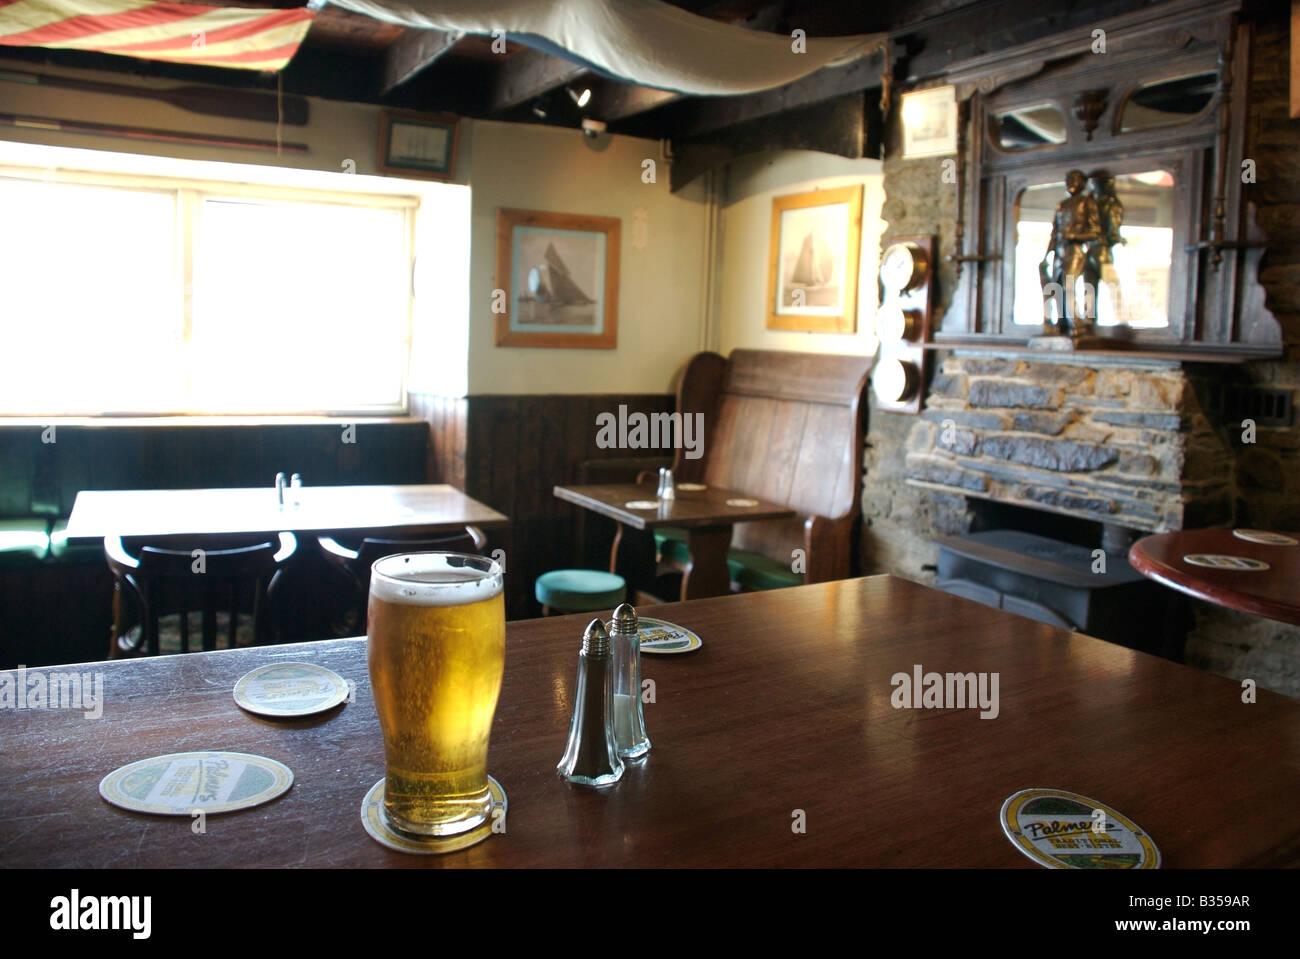 Pint of lager, Ferry Inn interior, Salcombe, Devon, UK - Stock Image